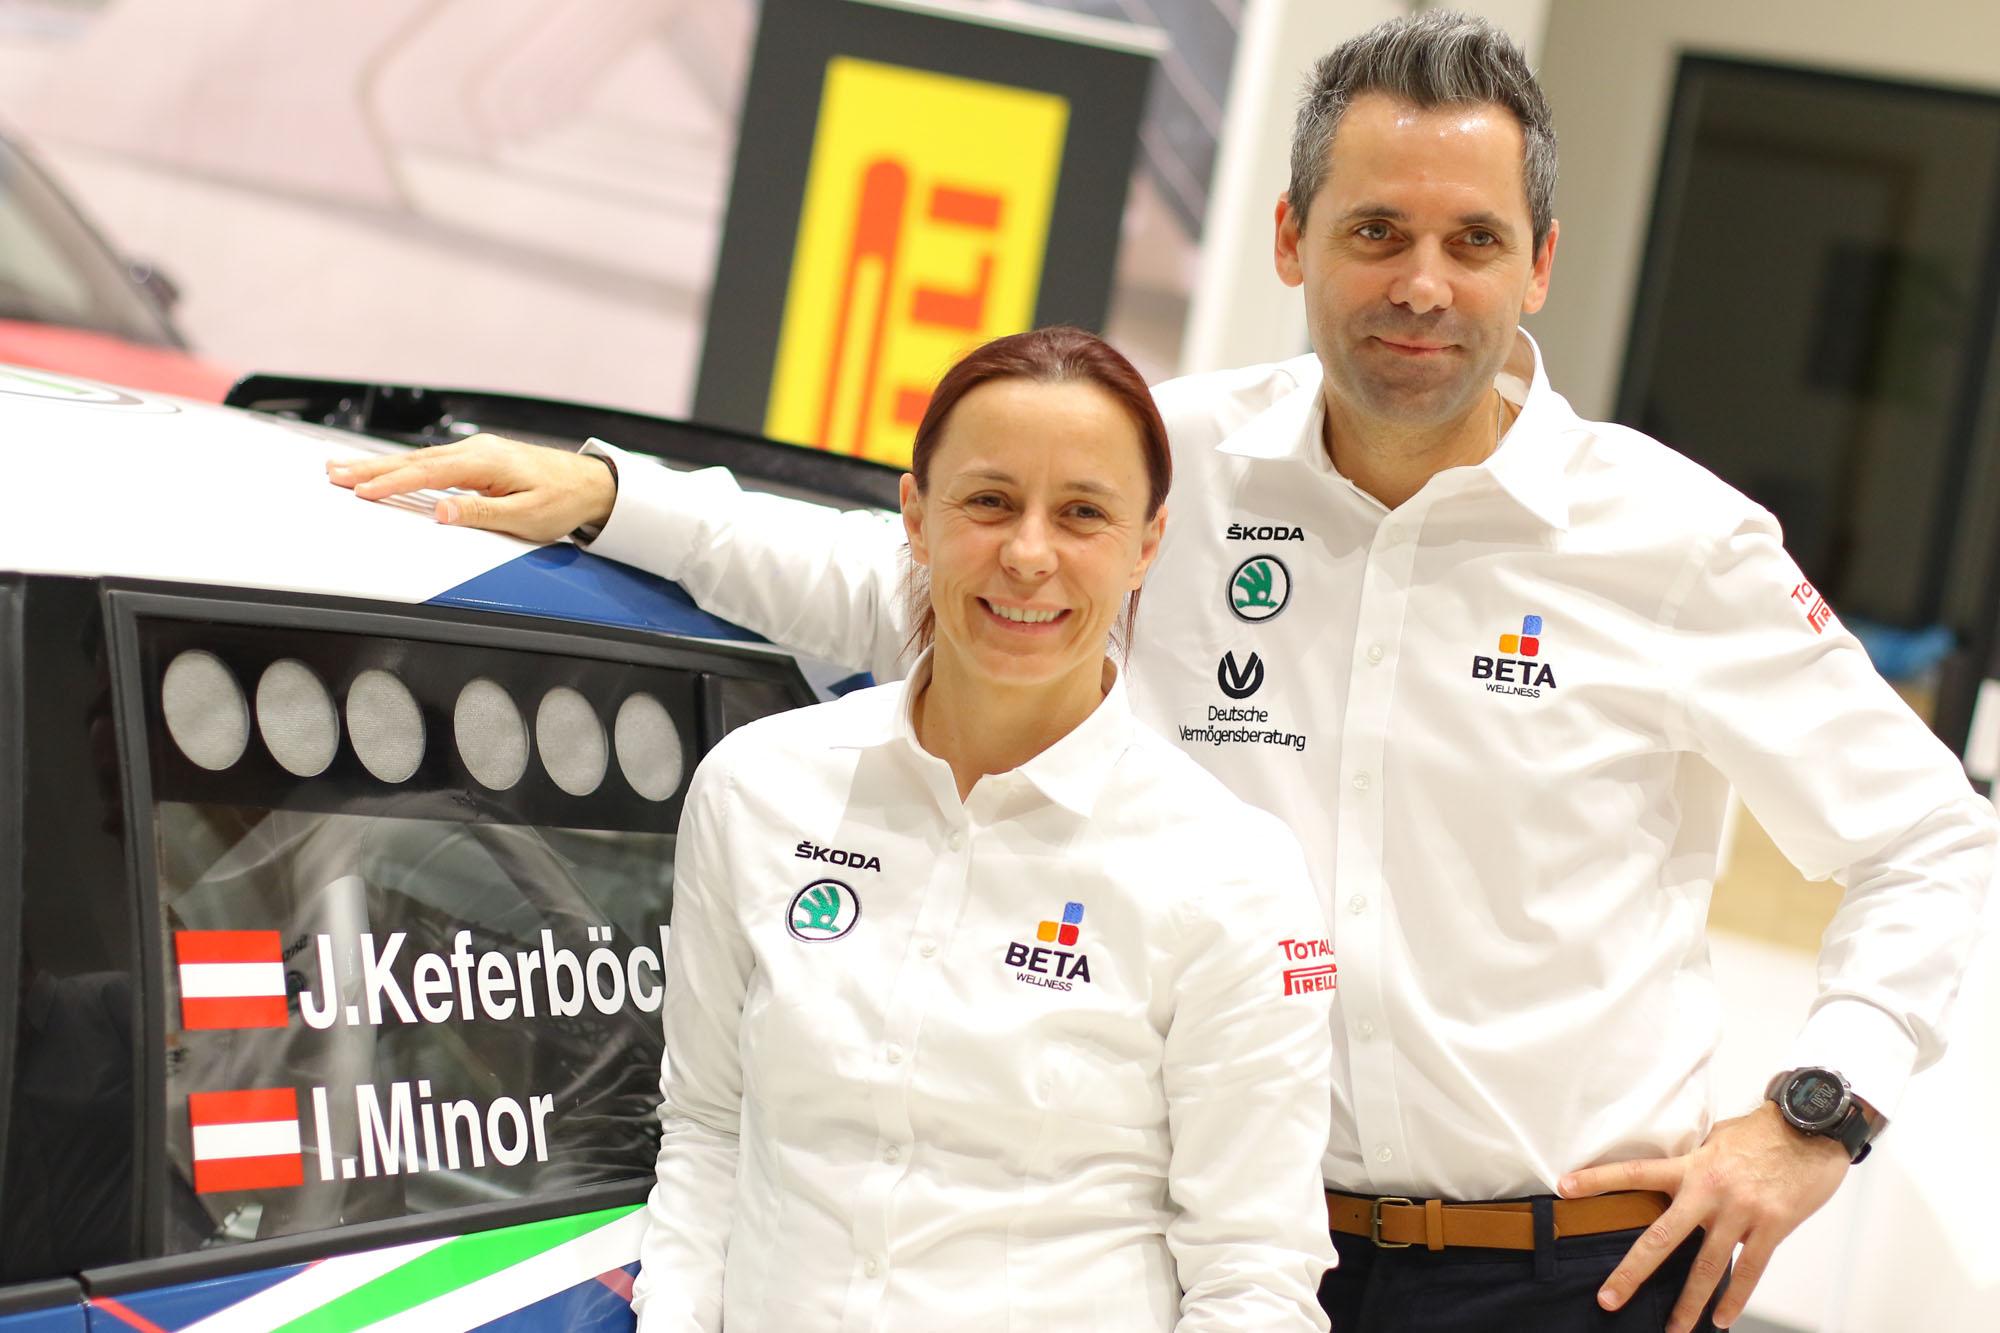 Vorjahressieger Johannes Keferböck mit Co. Ilka Minor